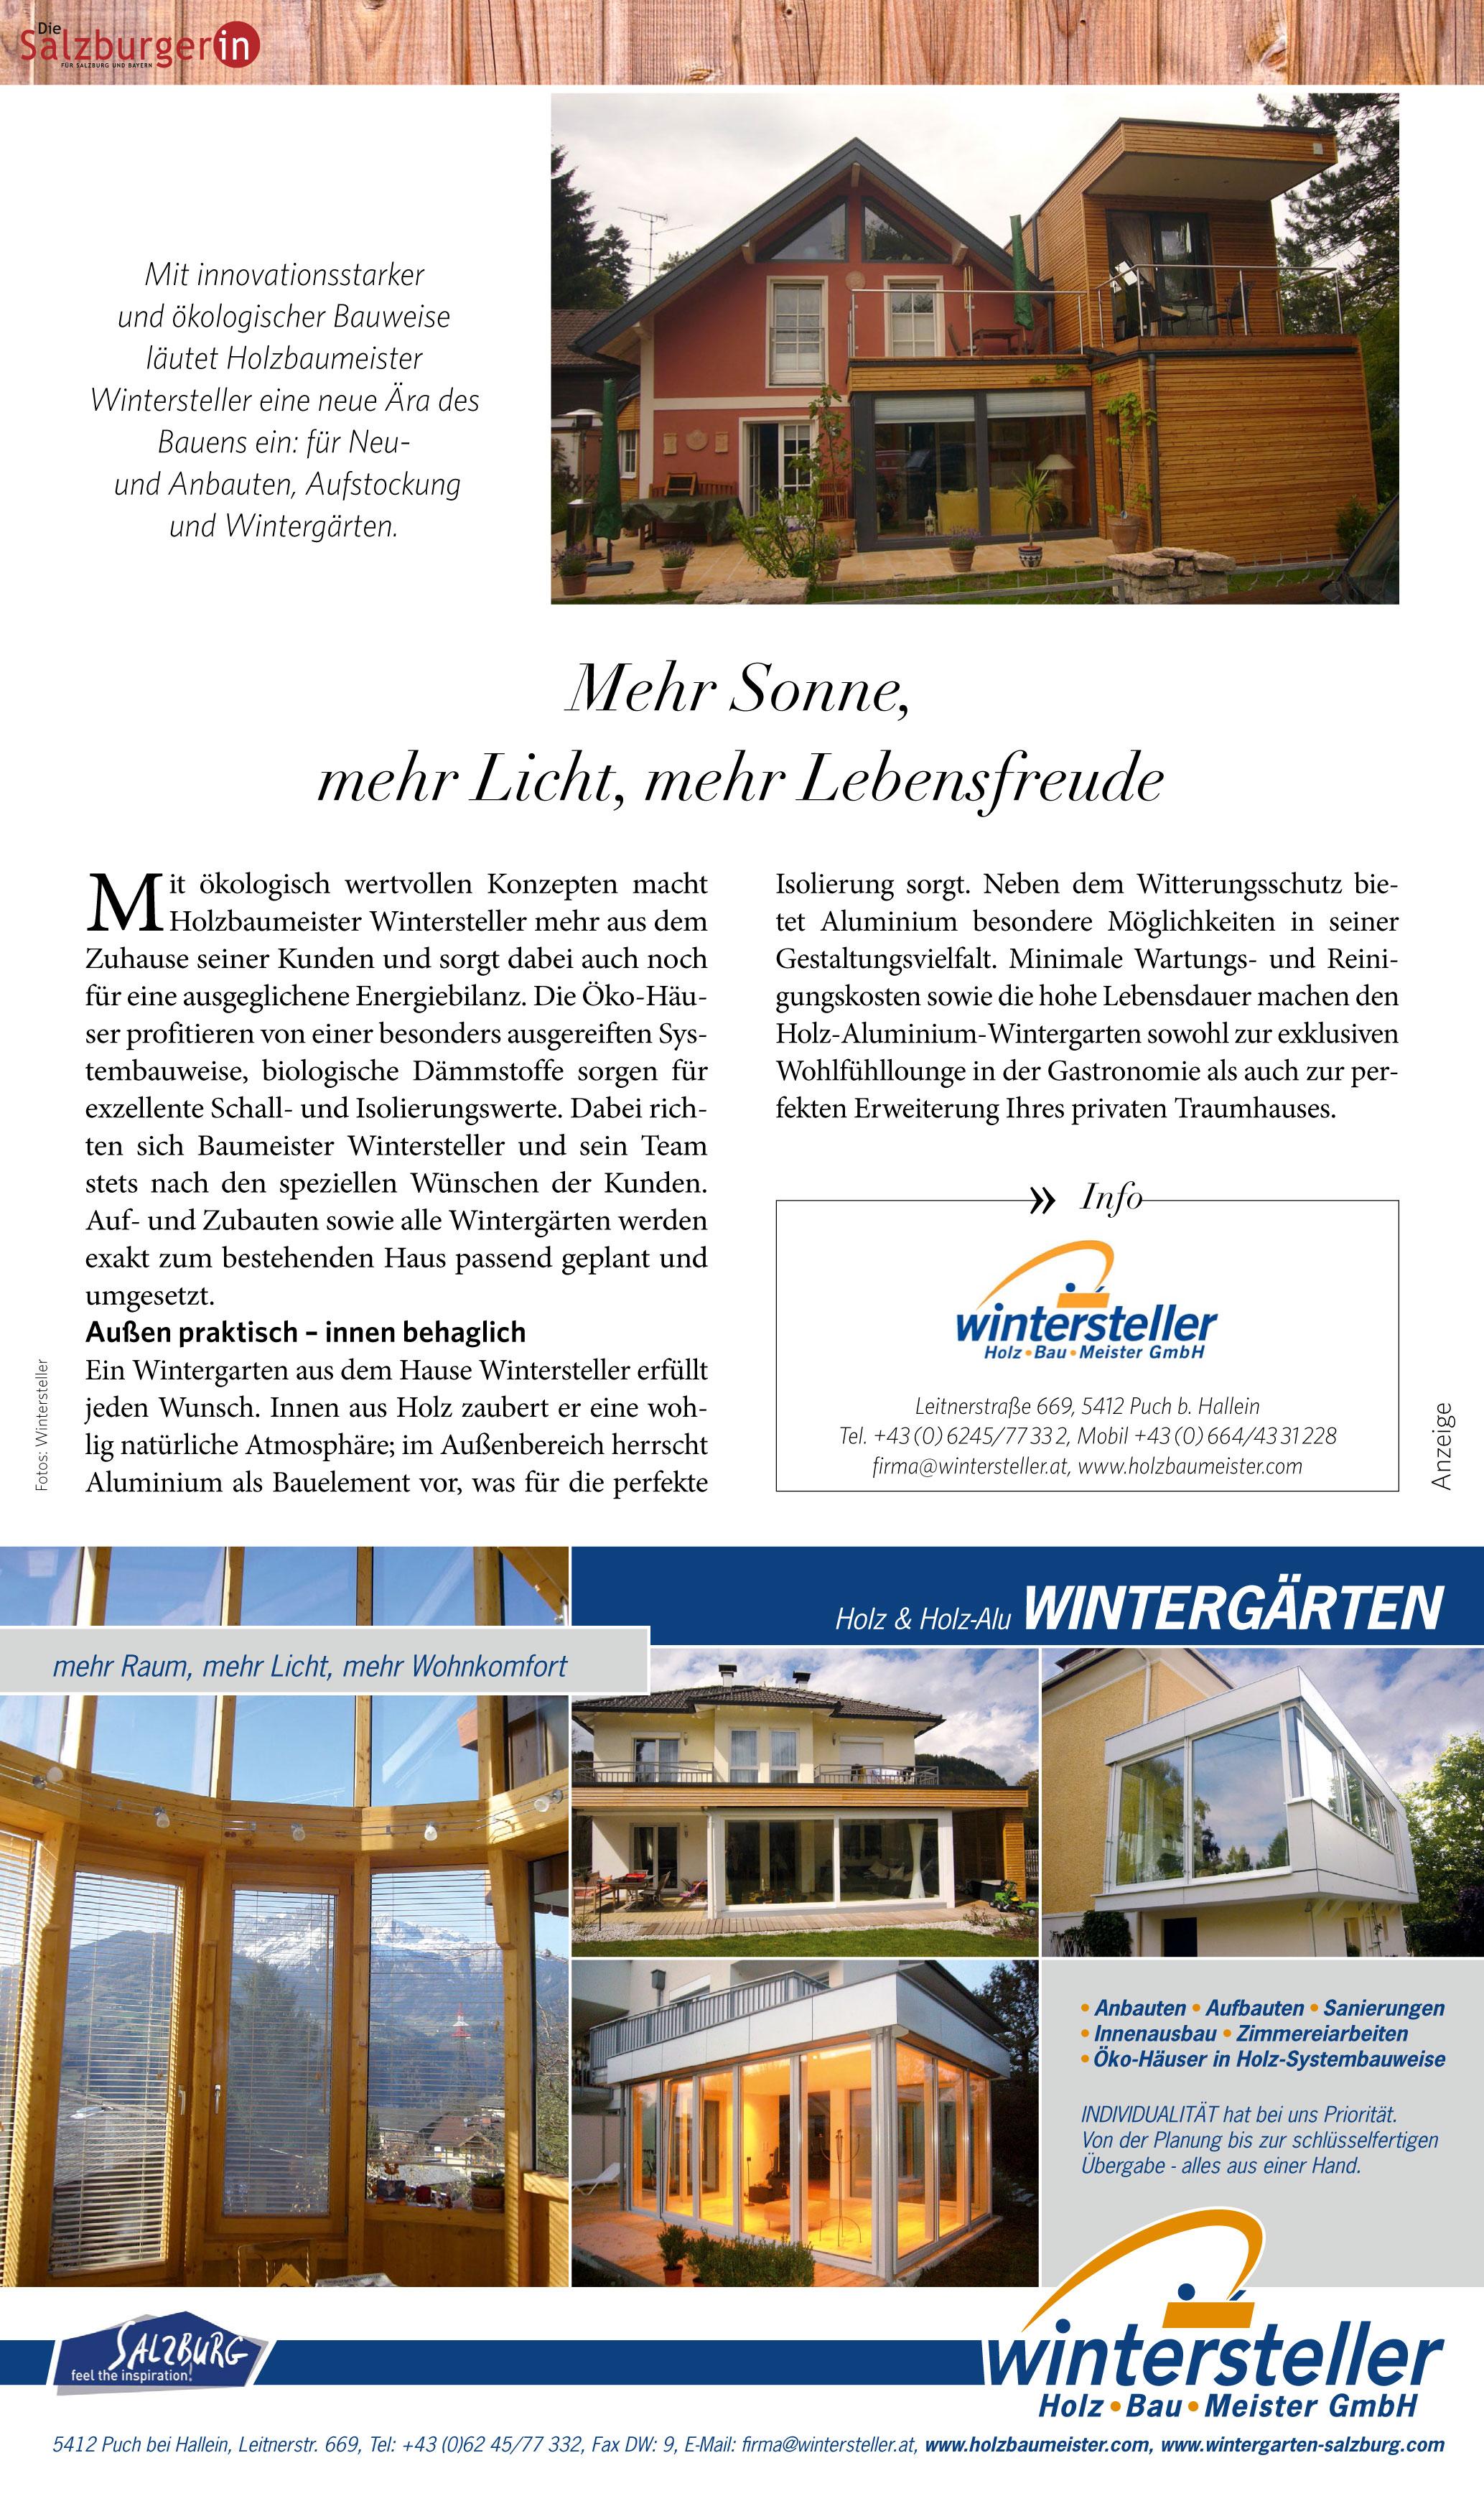 wintergarten salzburg - holzbaumeister wintersteller, Moderne